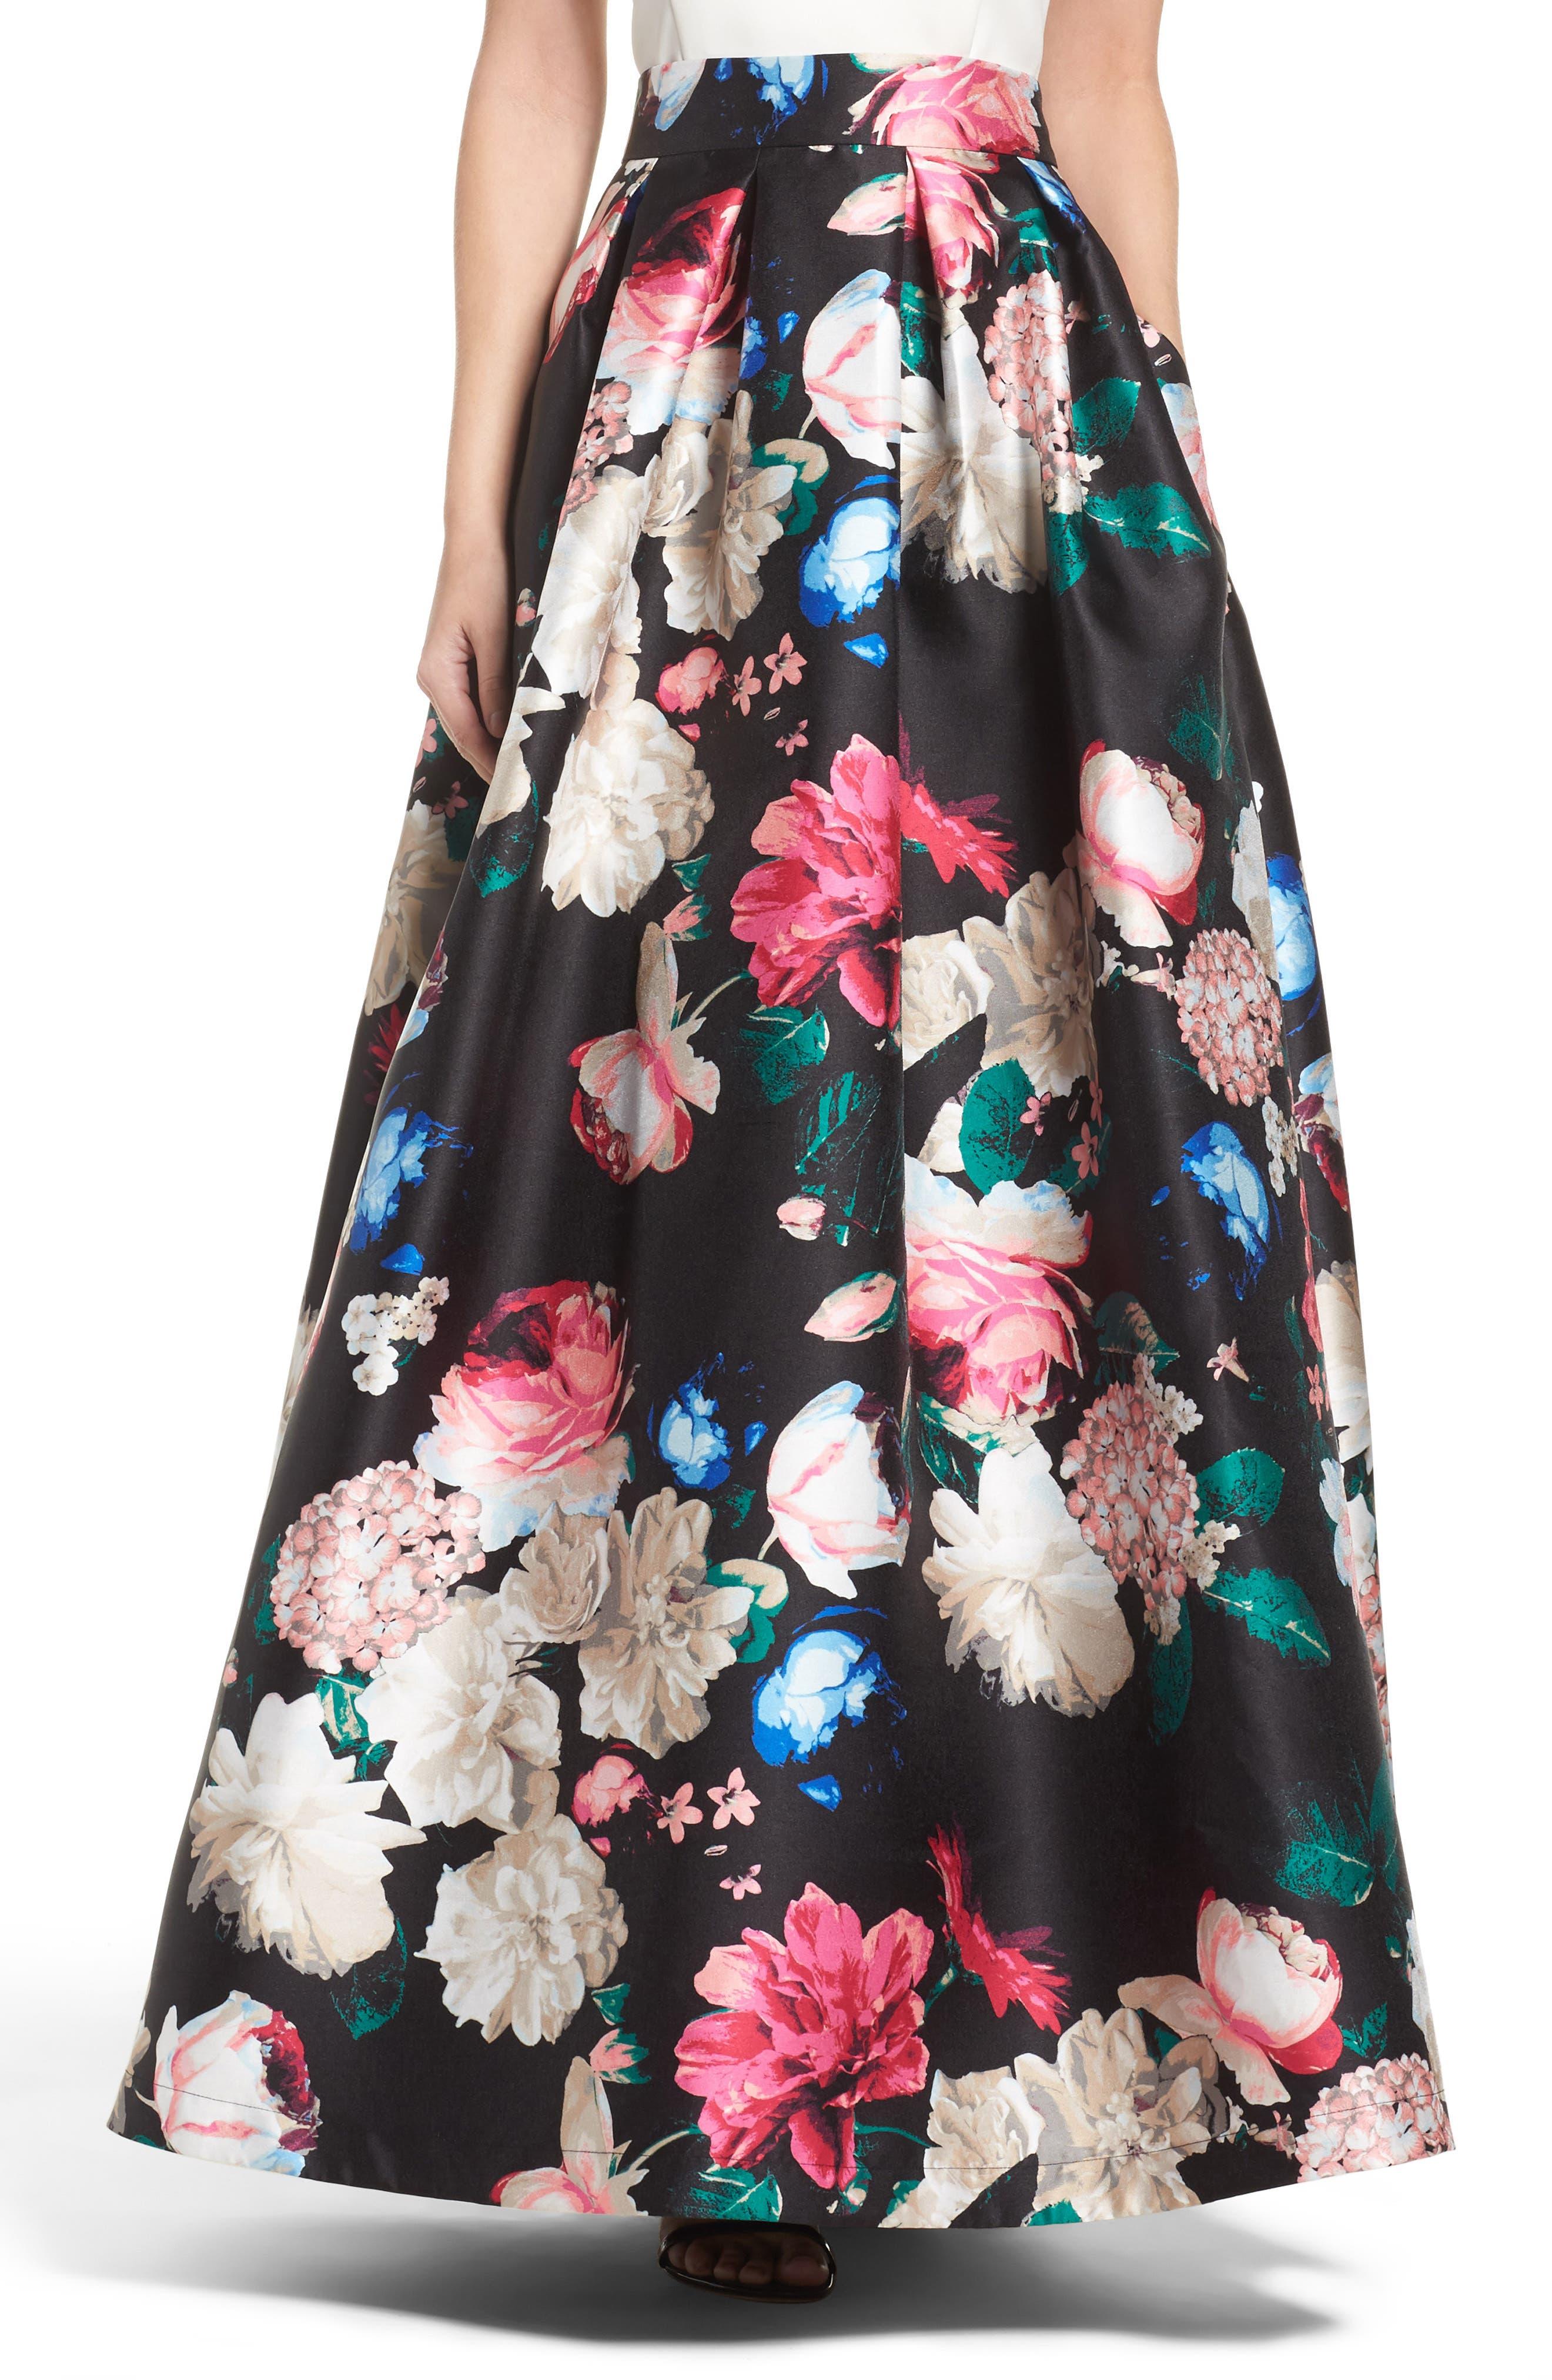 Faille Ball Skirt,                             Main thumbnail 1, color,                             006